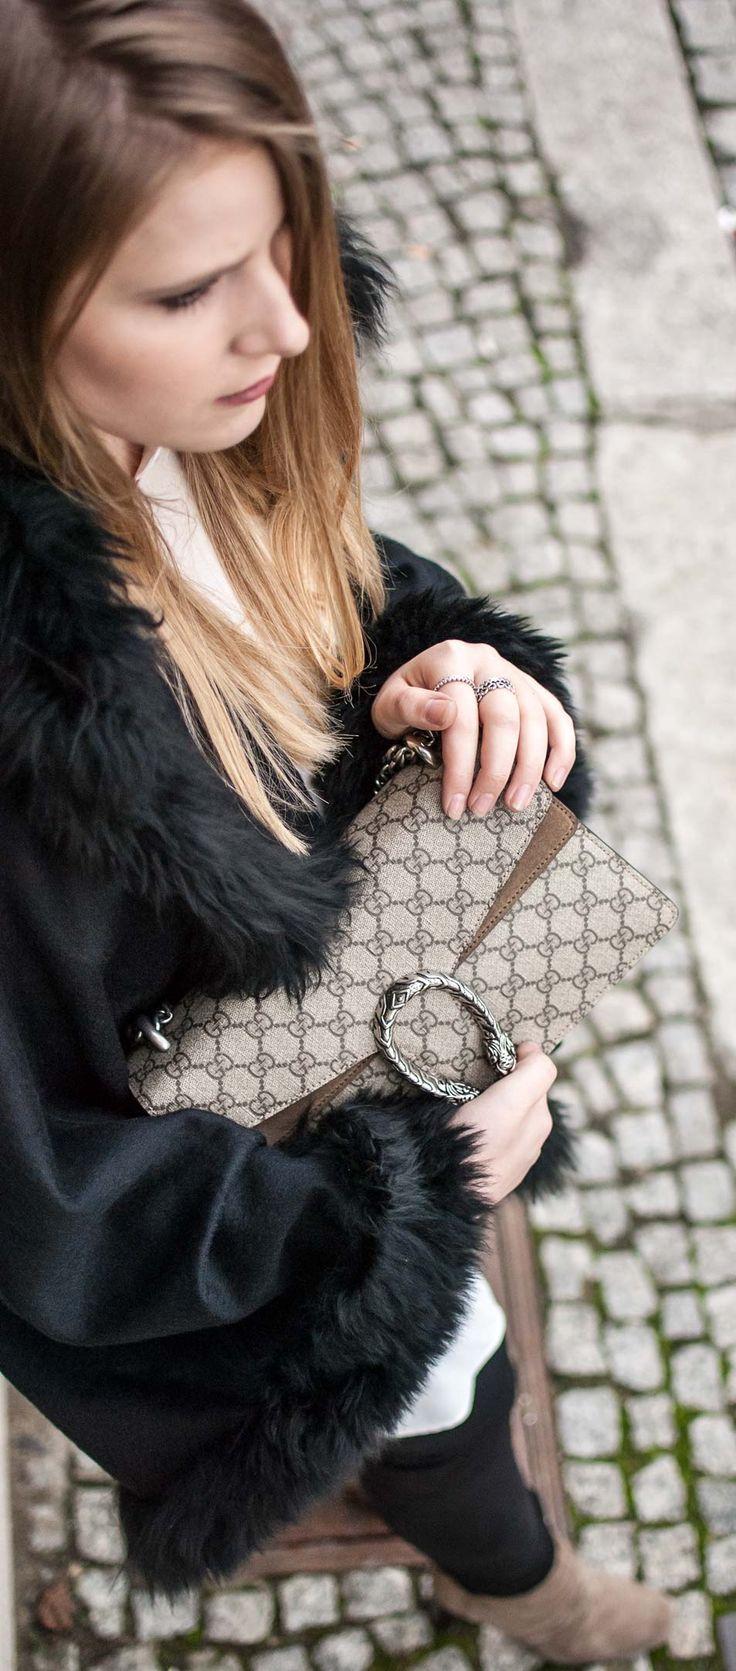 florafallue zeigt ein Outfit mit schwarzen Fell Cape und braunen Details dazu. Gucci Dionysus Tasche werden mit farbig passenden Steifeletten von Zara kombiniert. Zwei verschiedene Blusen werden im Layering Stil übereinenader getragen. www.florafallue.com